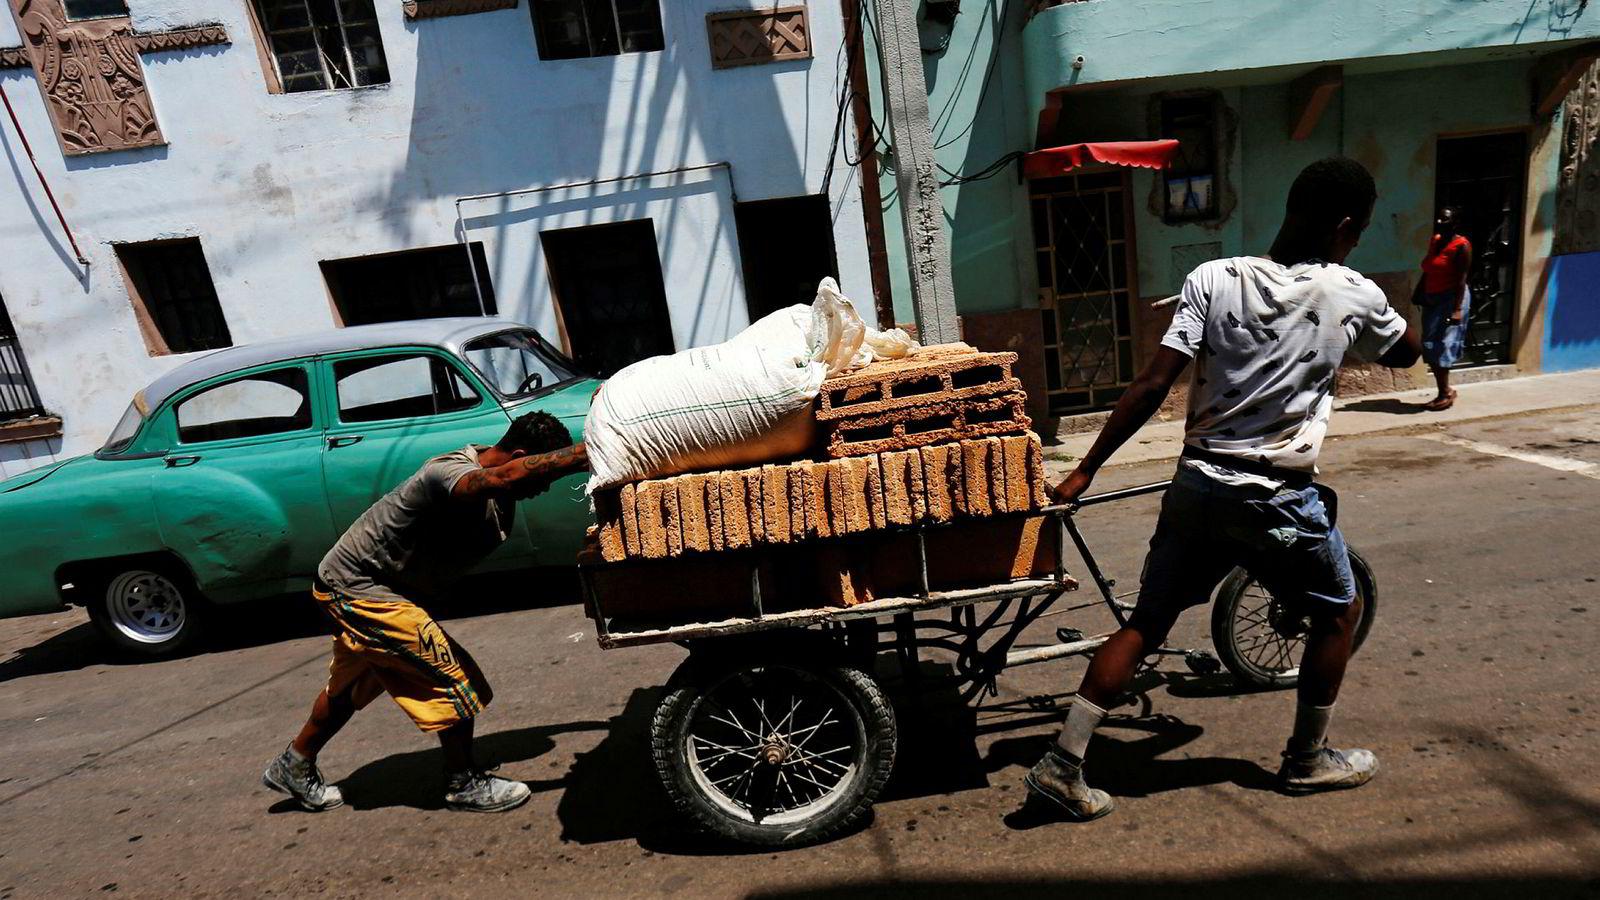 Det kommunistiske styret i Cuba vurderer nå å innføre en kryptovaluta for å dempe virkningene av amerikanske sanksjoner.